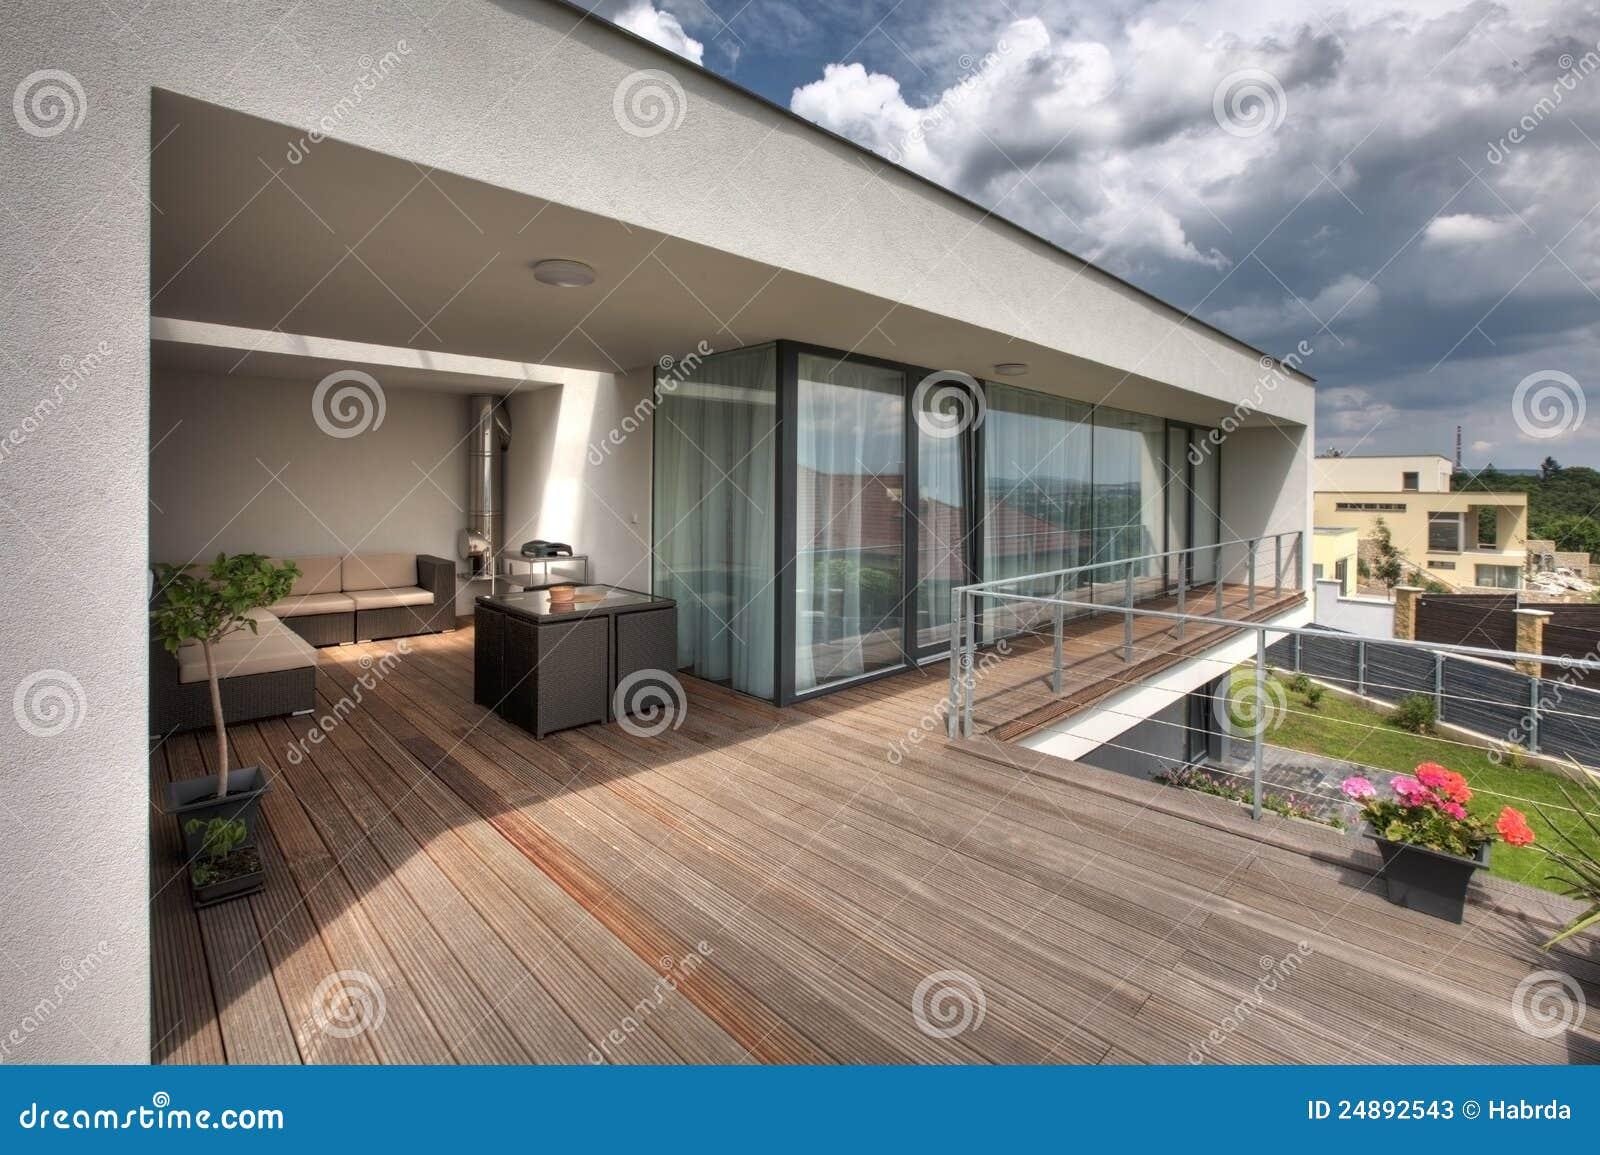 Intrieur la maison moderne photos – 171,039 intrieur la maison ...